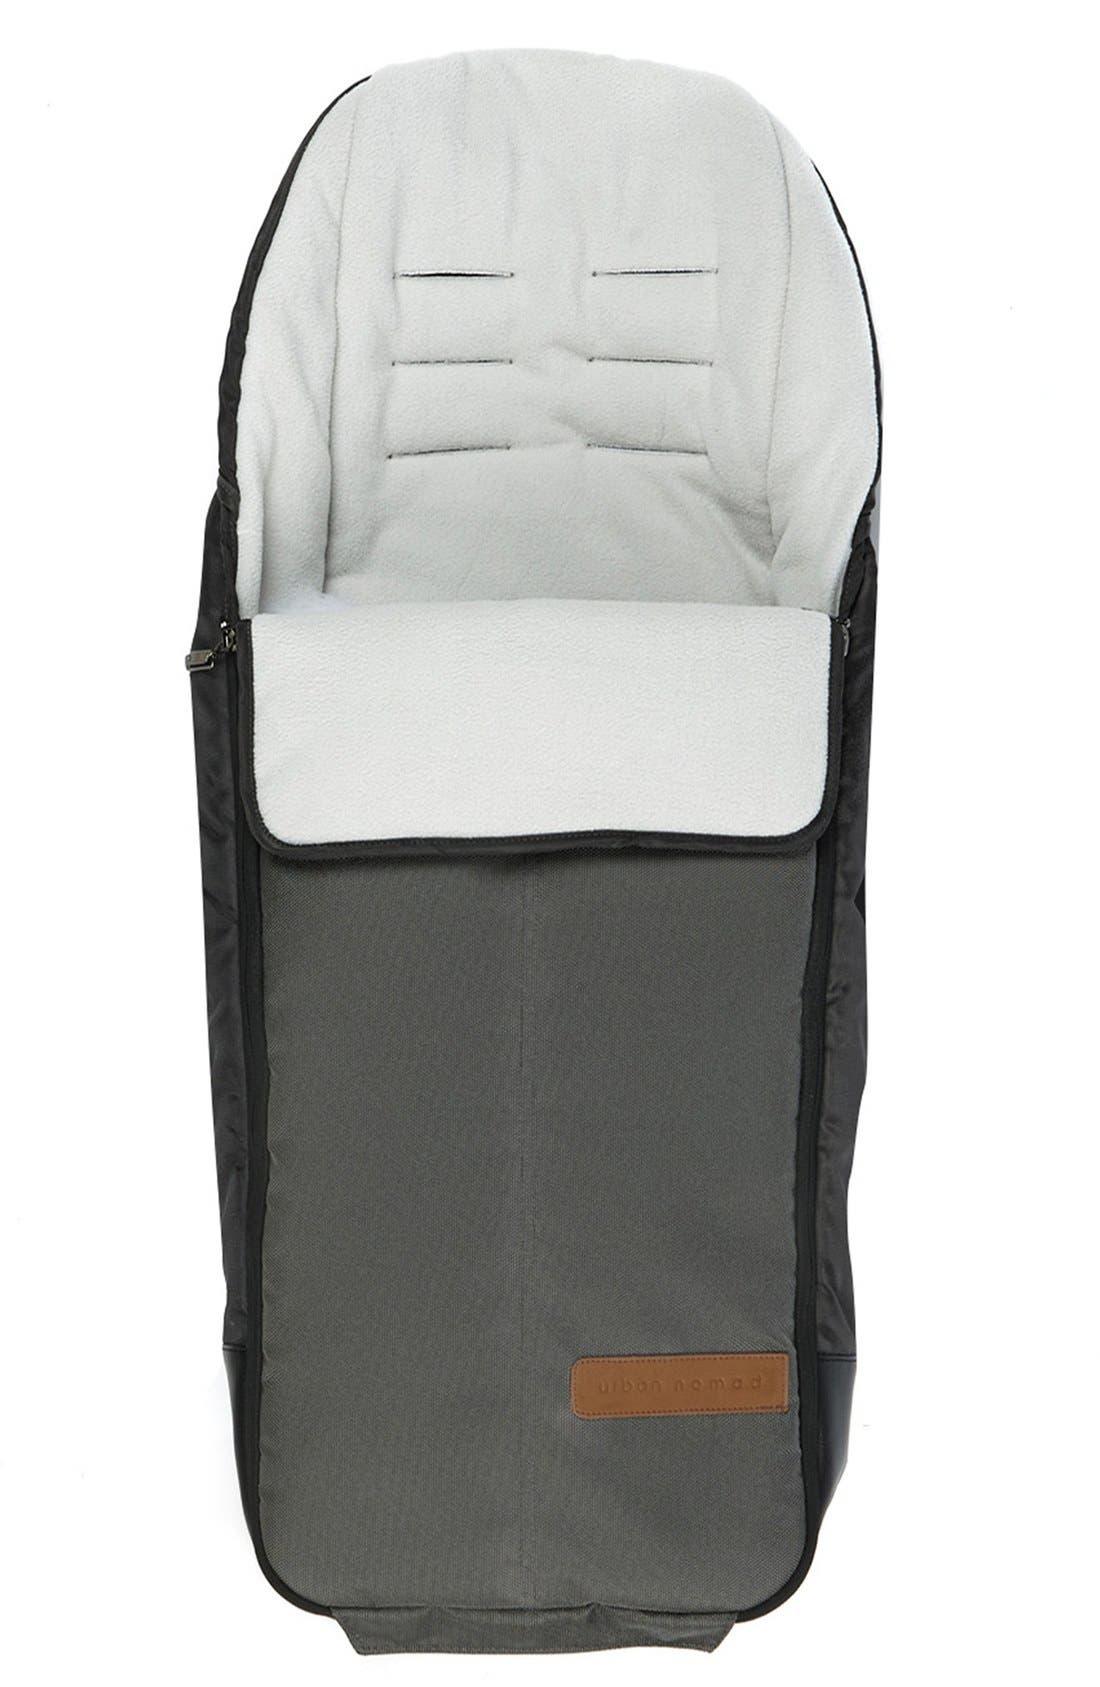 'Igo - Urban Nomad' Water Resistant Footmuff,                         Main,                         color, Dark Grey